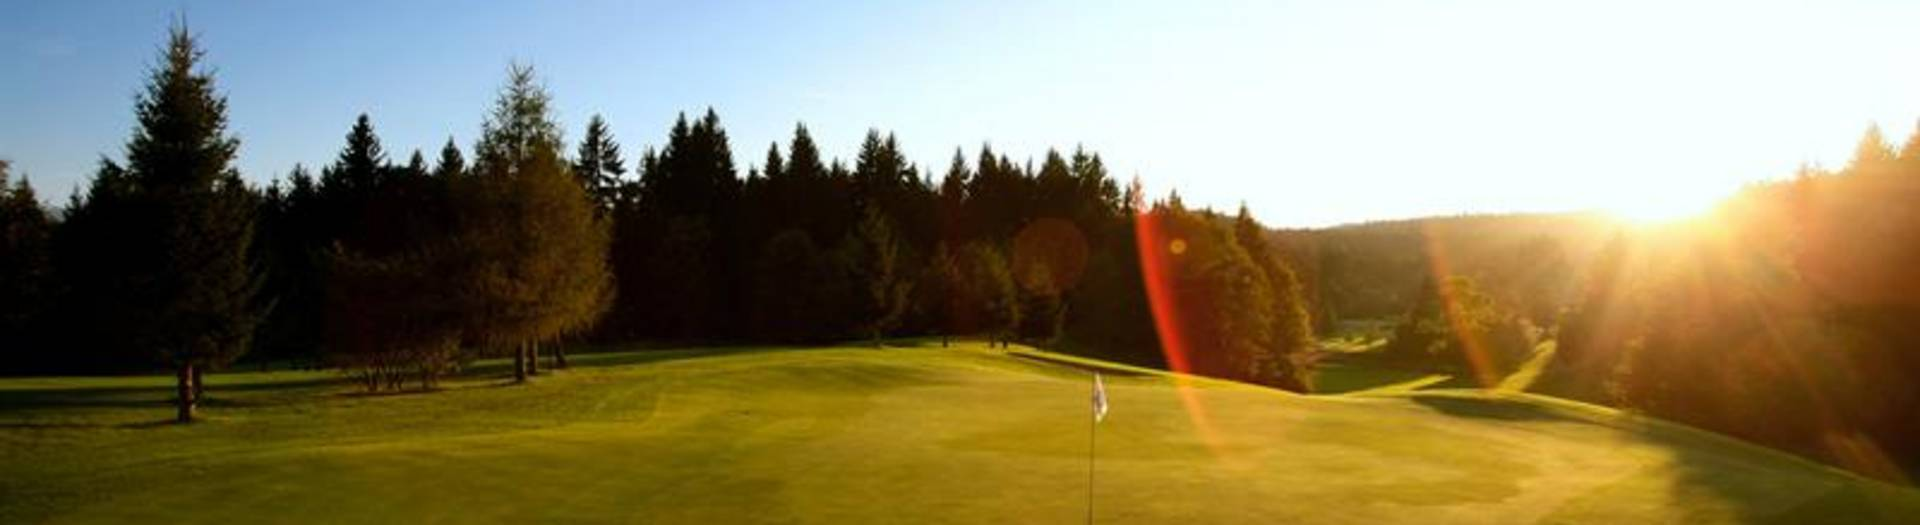 Golfanlage-Velden-Koestenberg-9037_SCALED_800x800.jpg